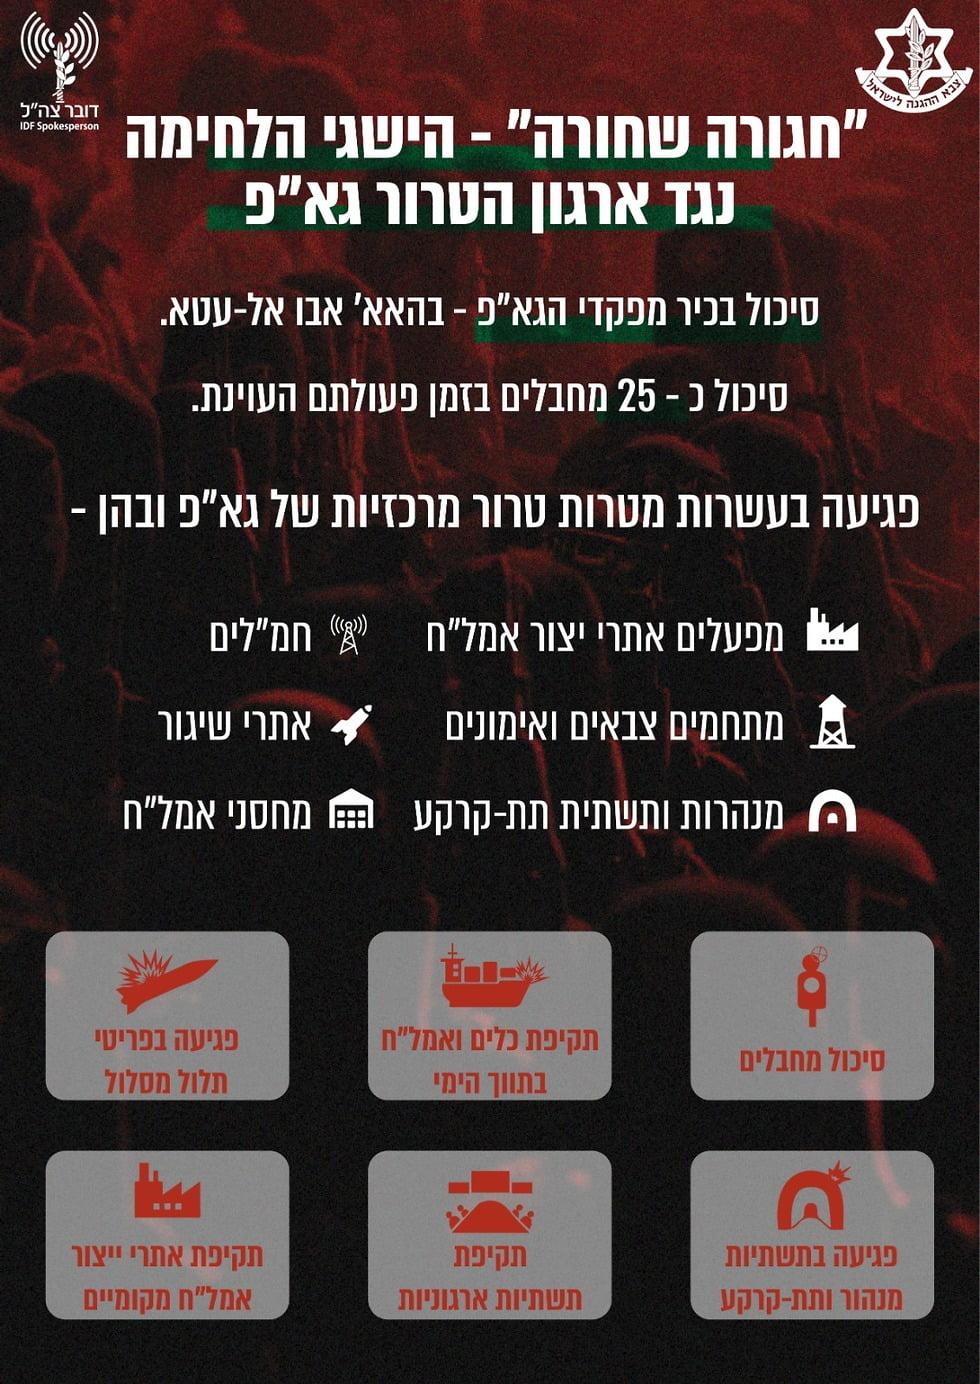 opération ceinture noire, pleine réussite pour l'armée d'Israël